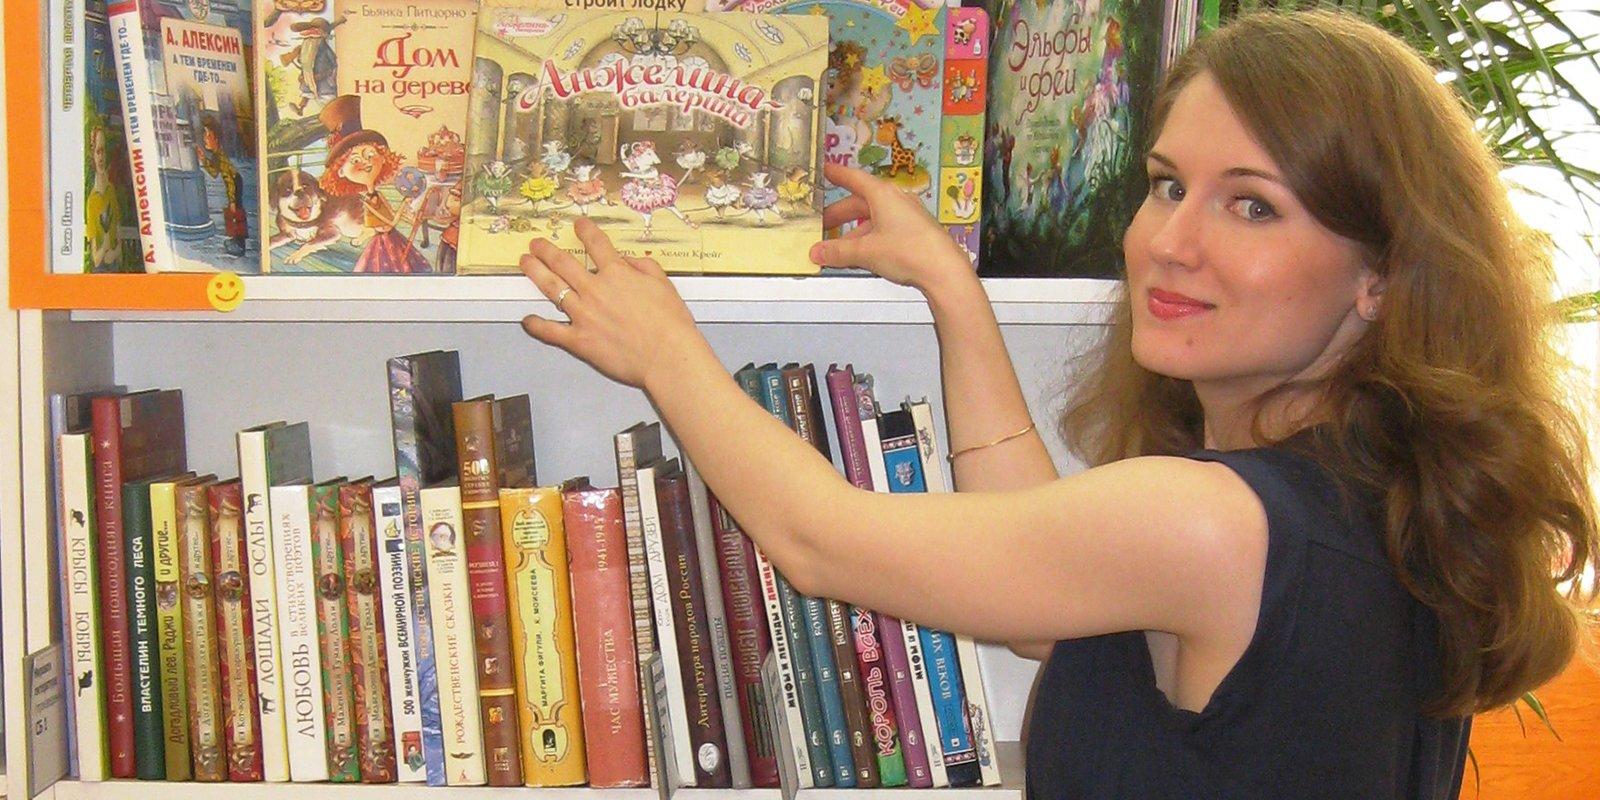 Анастасия Акентьева, ведущий библиотекарь Детской библиотеки имени А. П. Гайдара